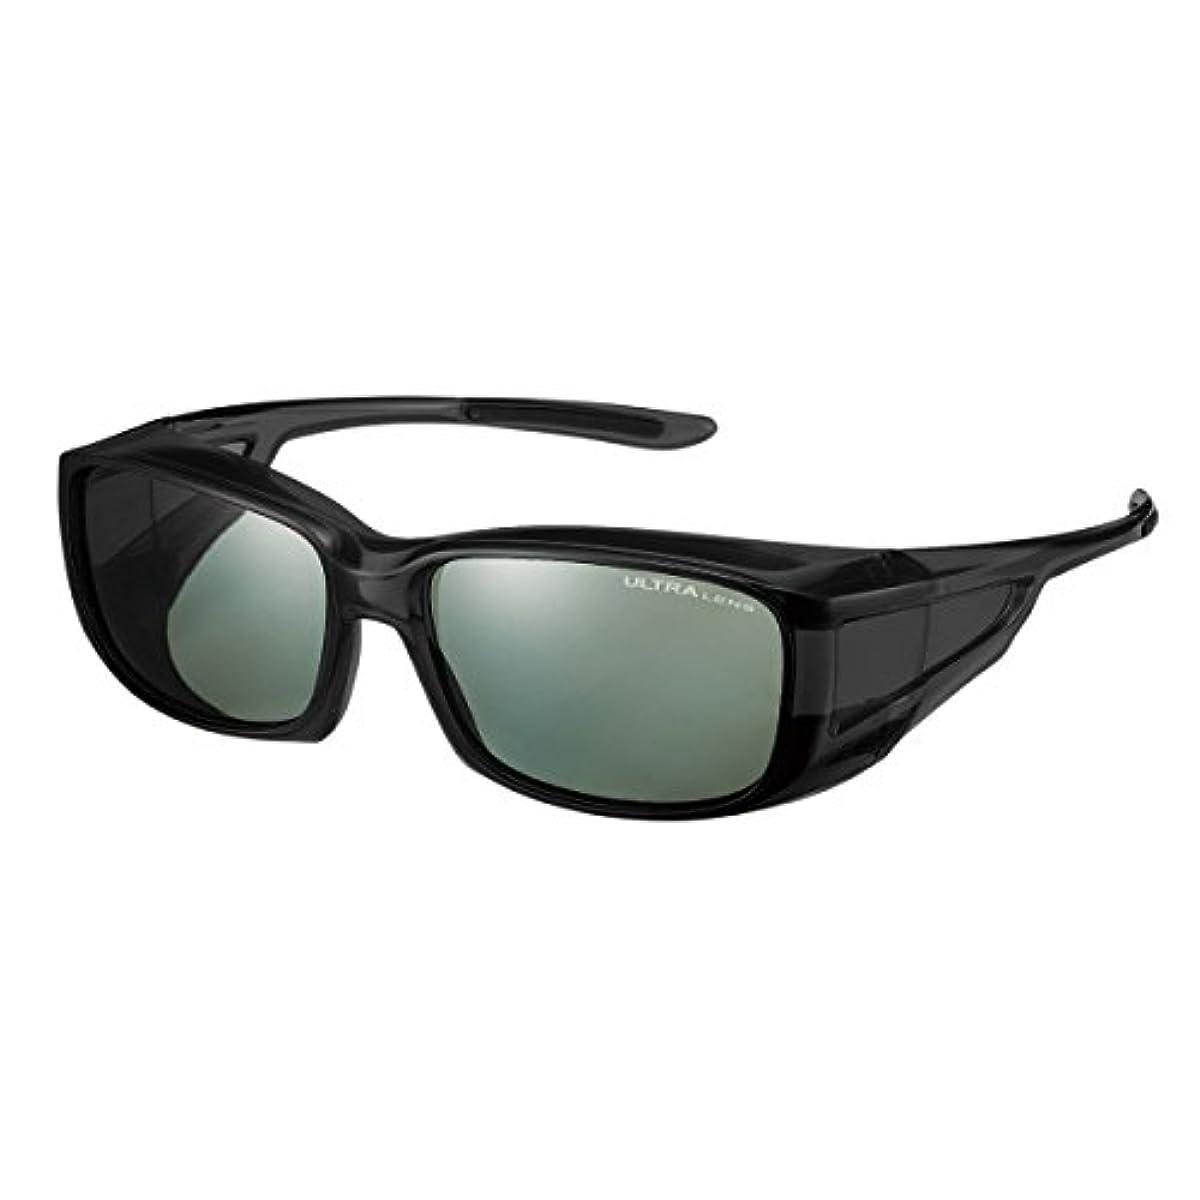 [해외] 【이시키와 료 프로 애용 브랜드】SWANS스완스 썬글라스 안경의 위로부터 건걸친 over글래스 OG4